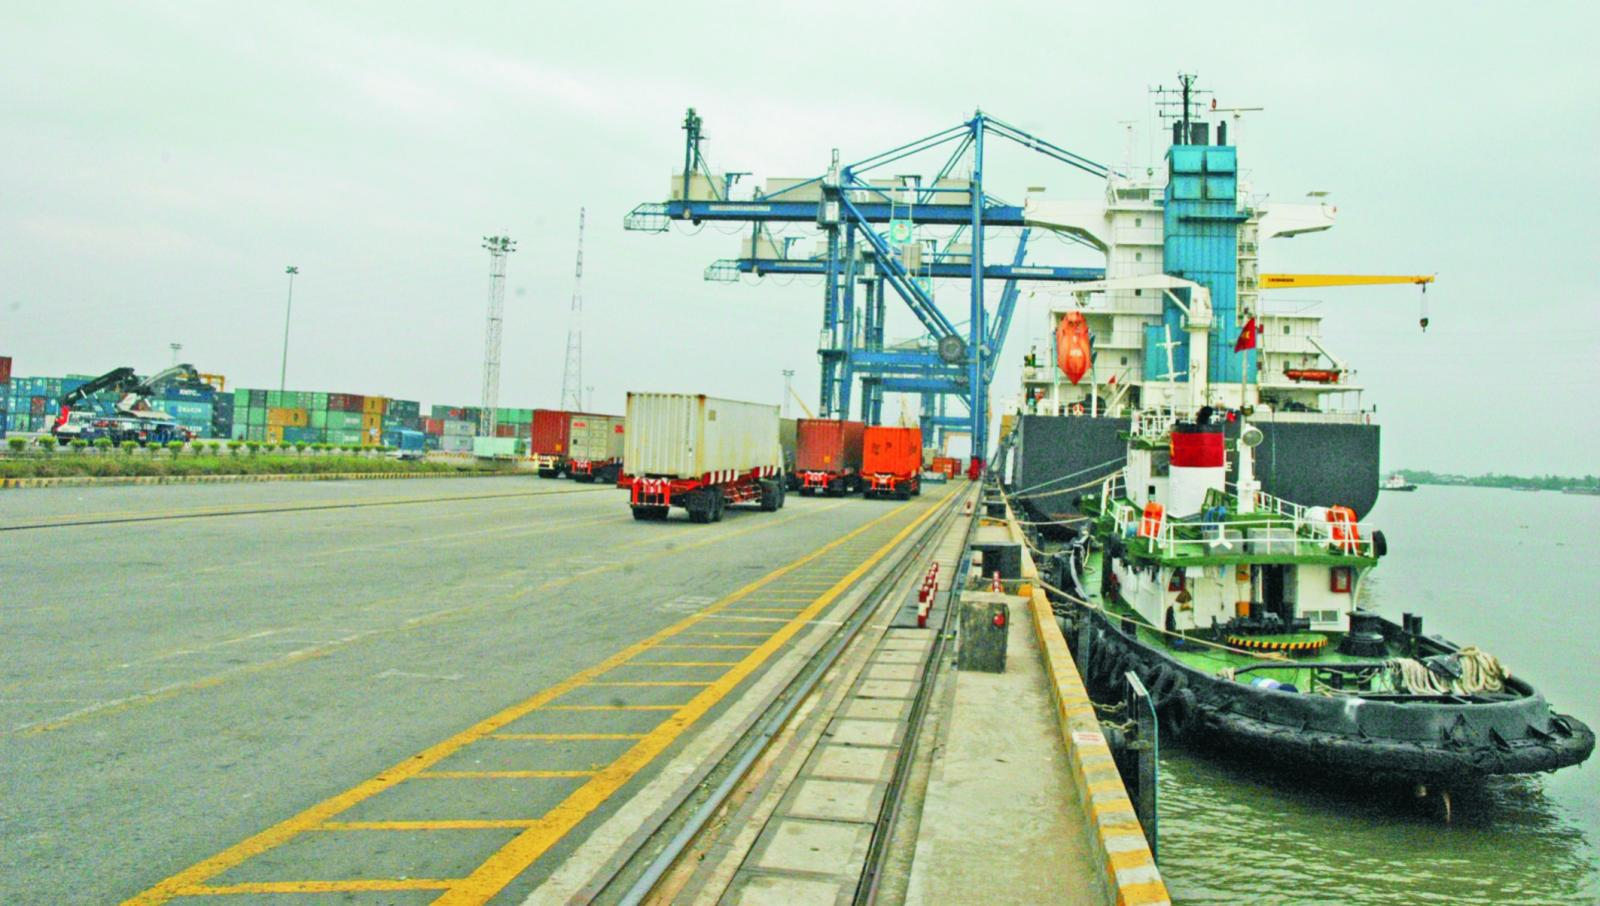 Bến nhiều hơn cảng, Thủ tướng yêu cầu Bộ Giao thông báo cáo